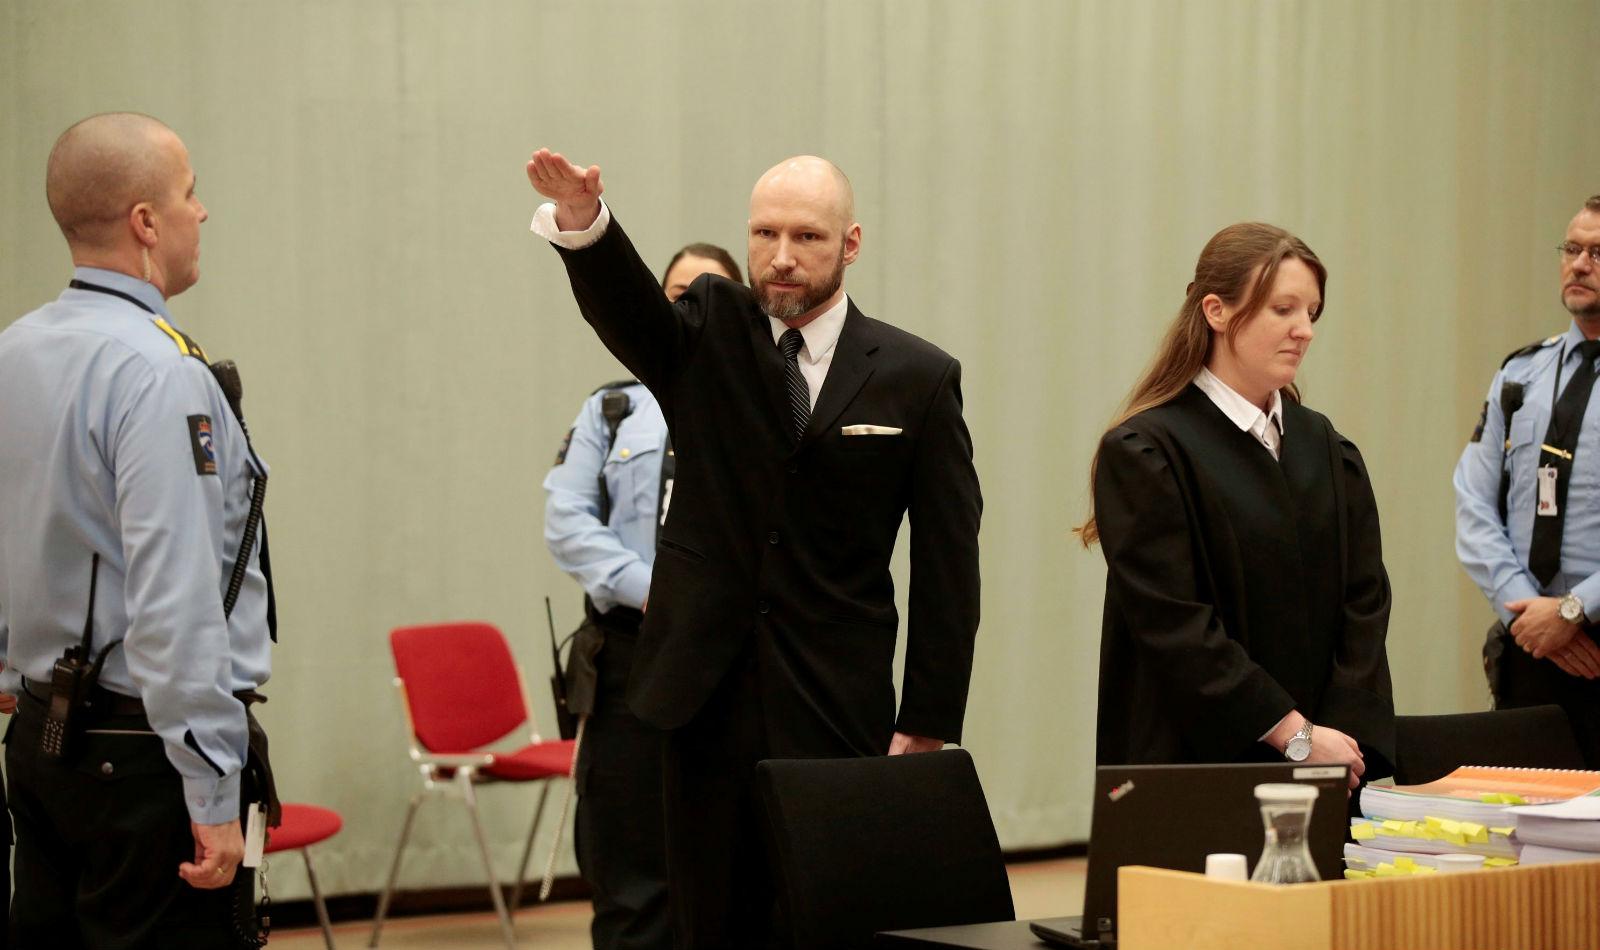 布雷維克於 2016 年控告挪威政府對他單獨囚禁及監獄條件惡劣,違反人權,地方法院判勝訴。2017 年 1 月審理挪威政府上訴案,布雷維克在庭上作出納粹敬禮手勢。 圖片來源:路透社